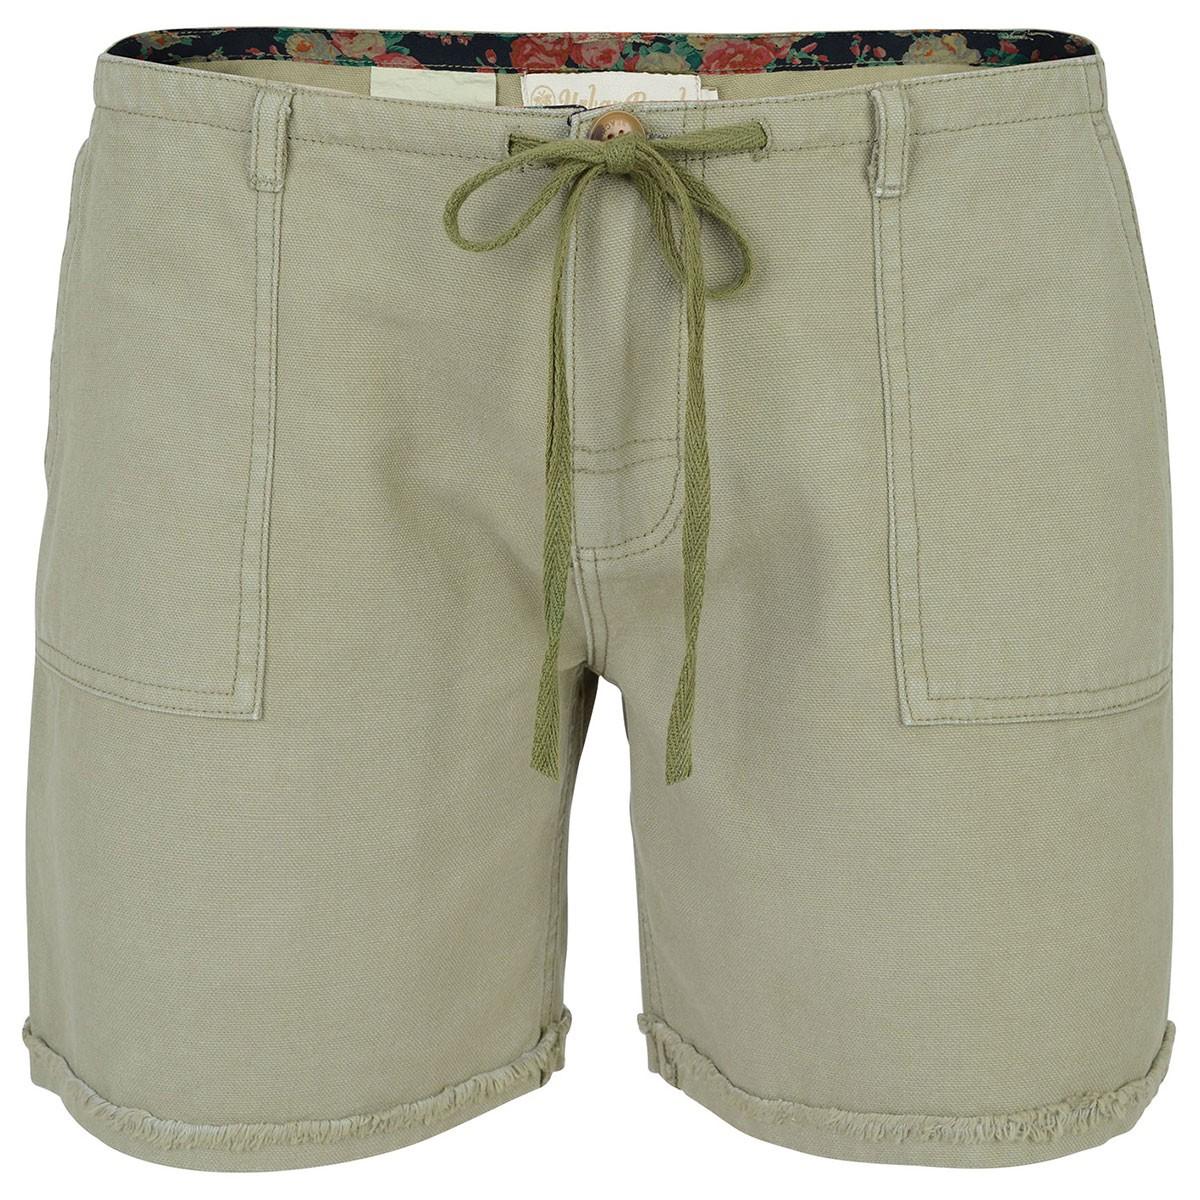 Womens Poipu Shorts - Khaki